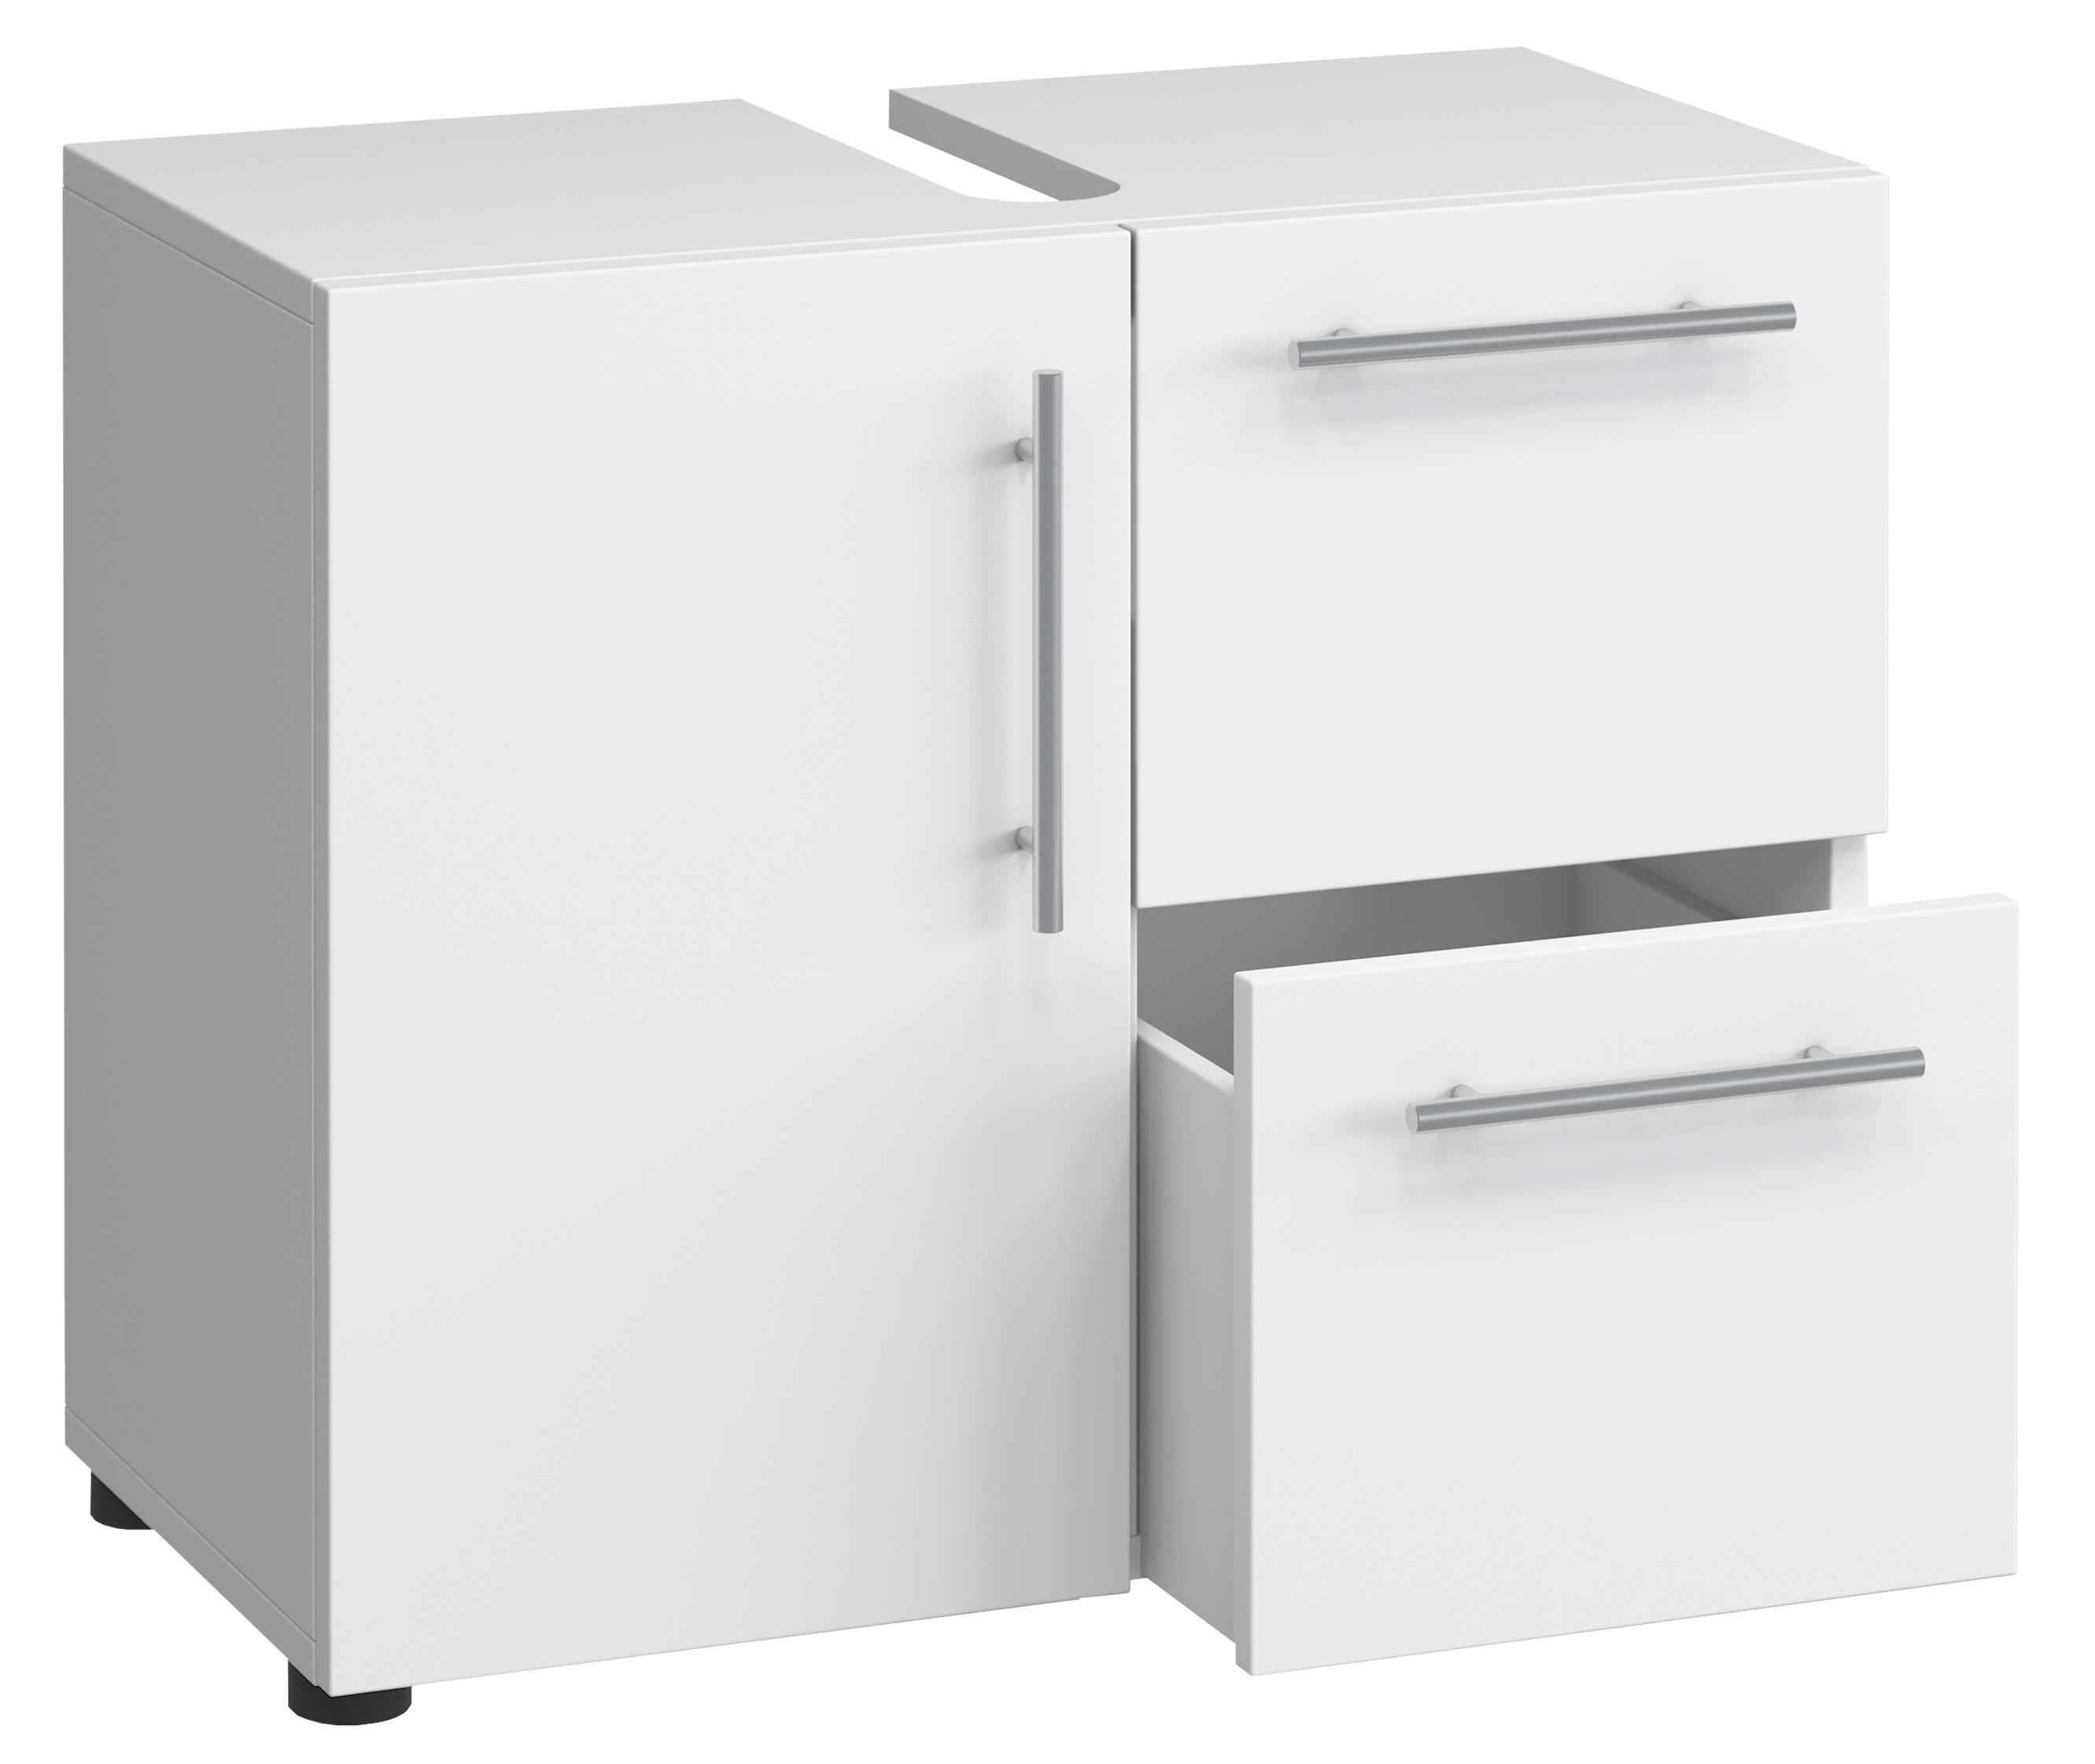 VCM Unterschrank Schubladen Badschrank Badmöbel Midischrank Hochschrank  Waschbeckenunterschrank